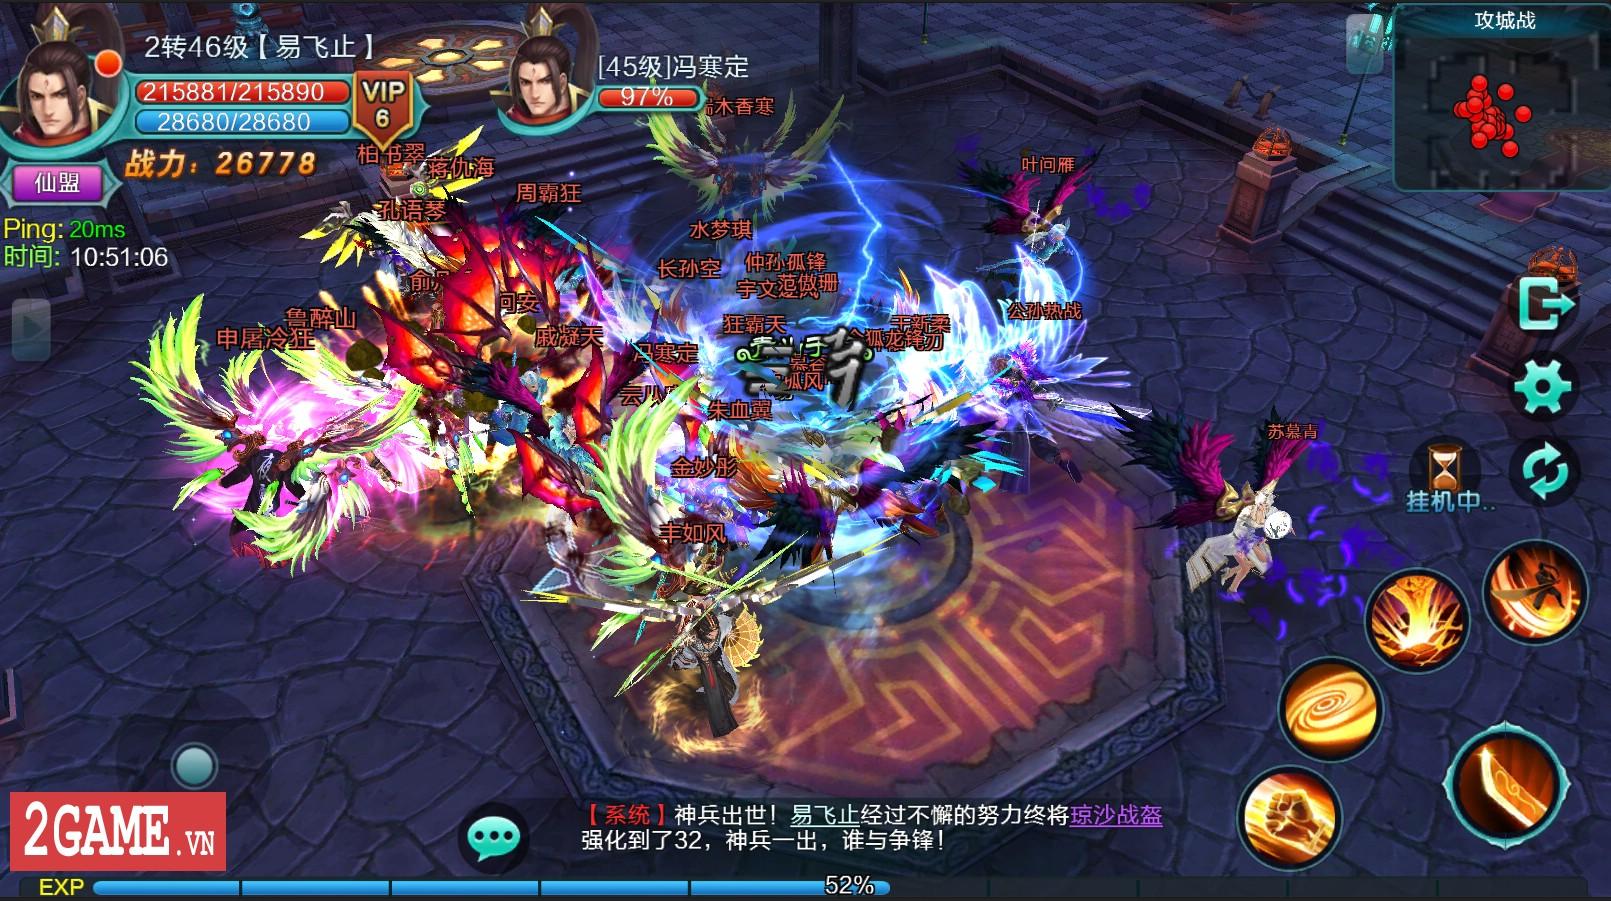 Tây Du Phong Thần Ký